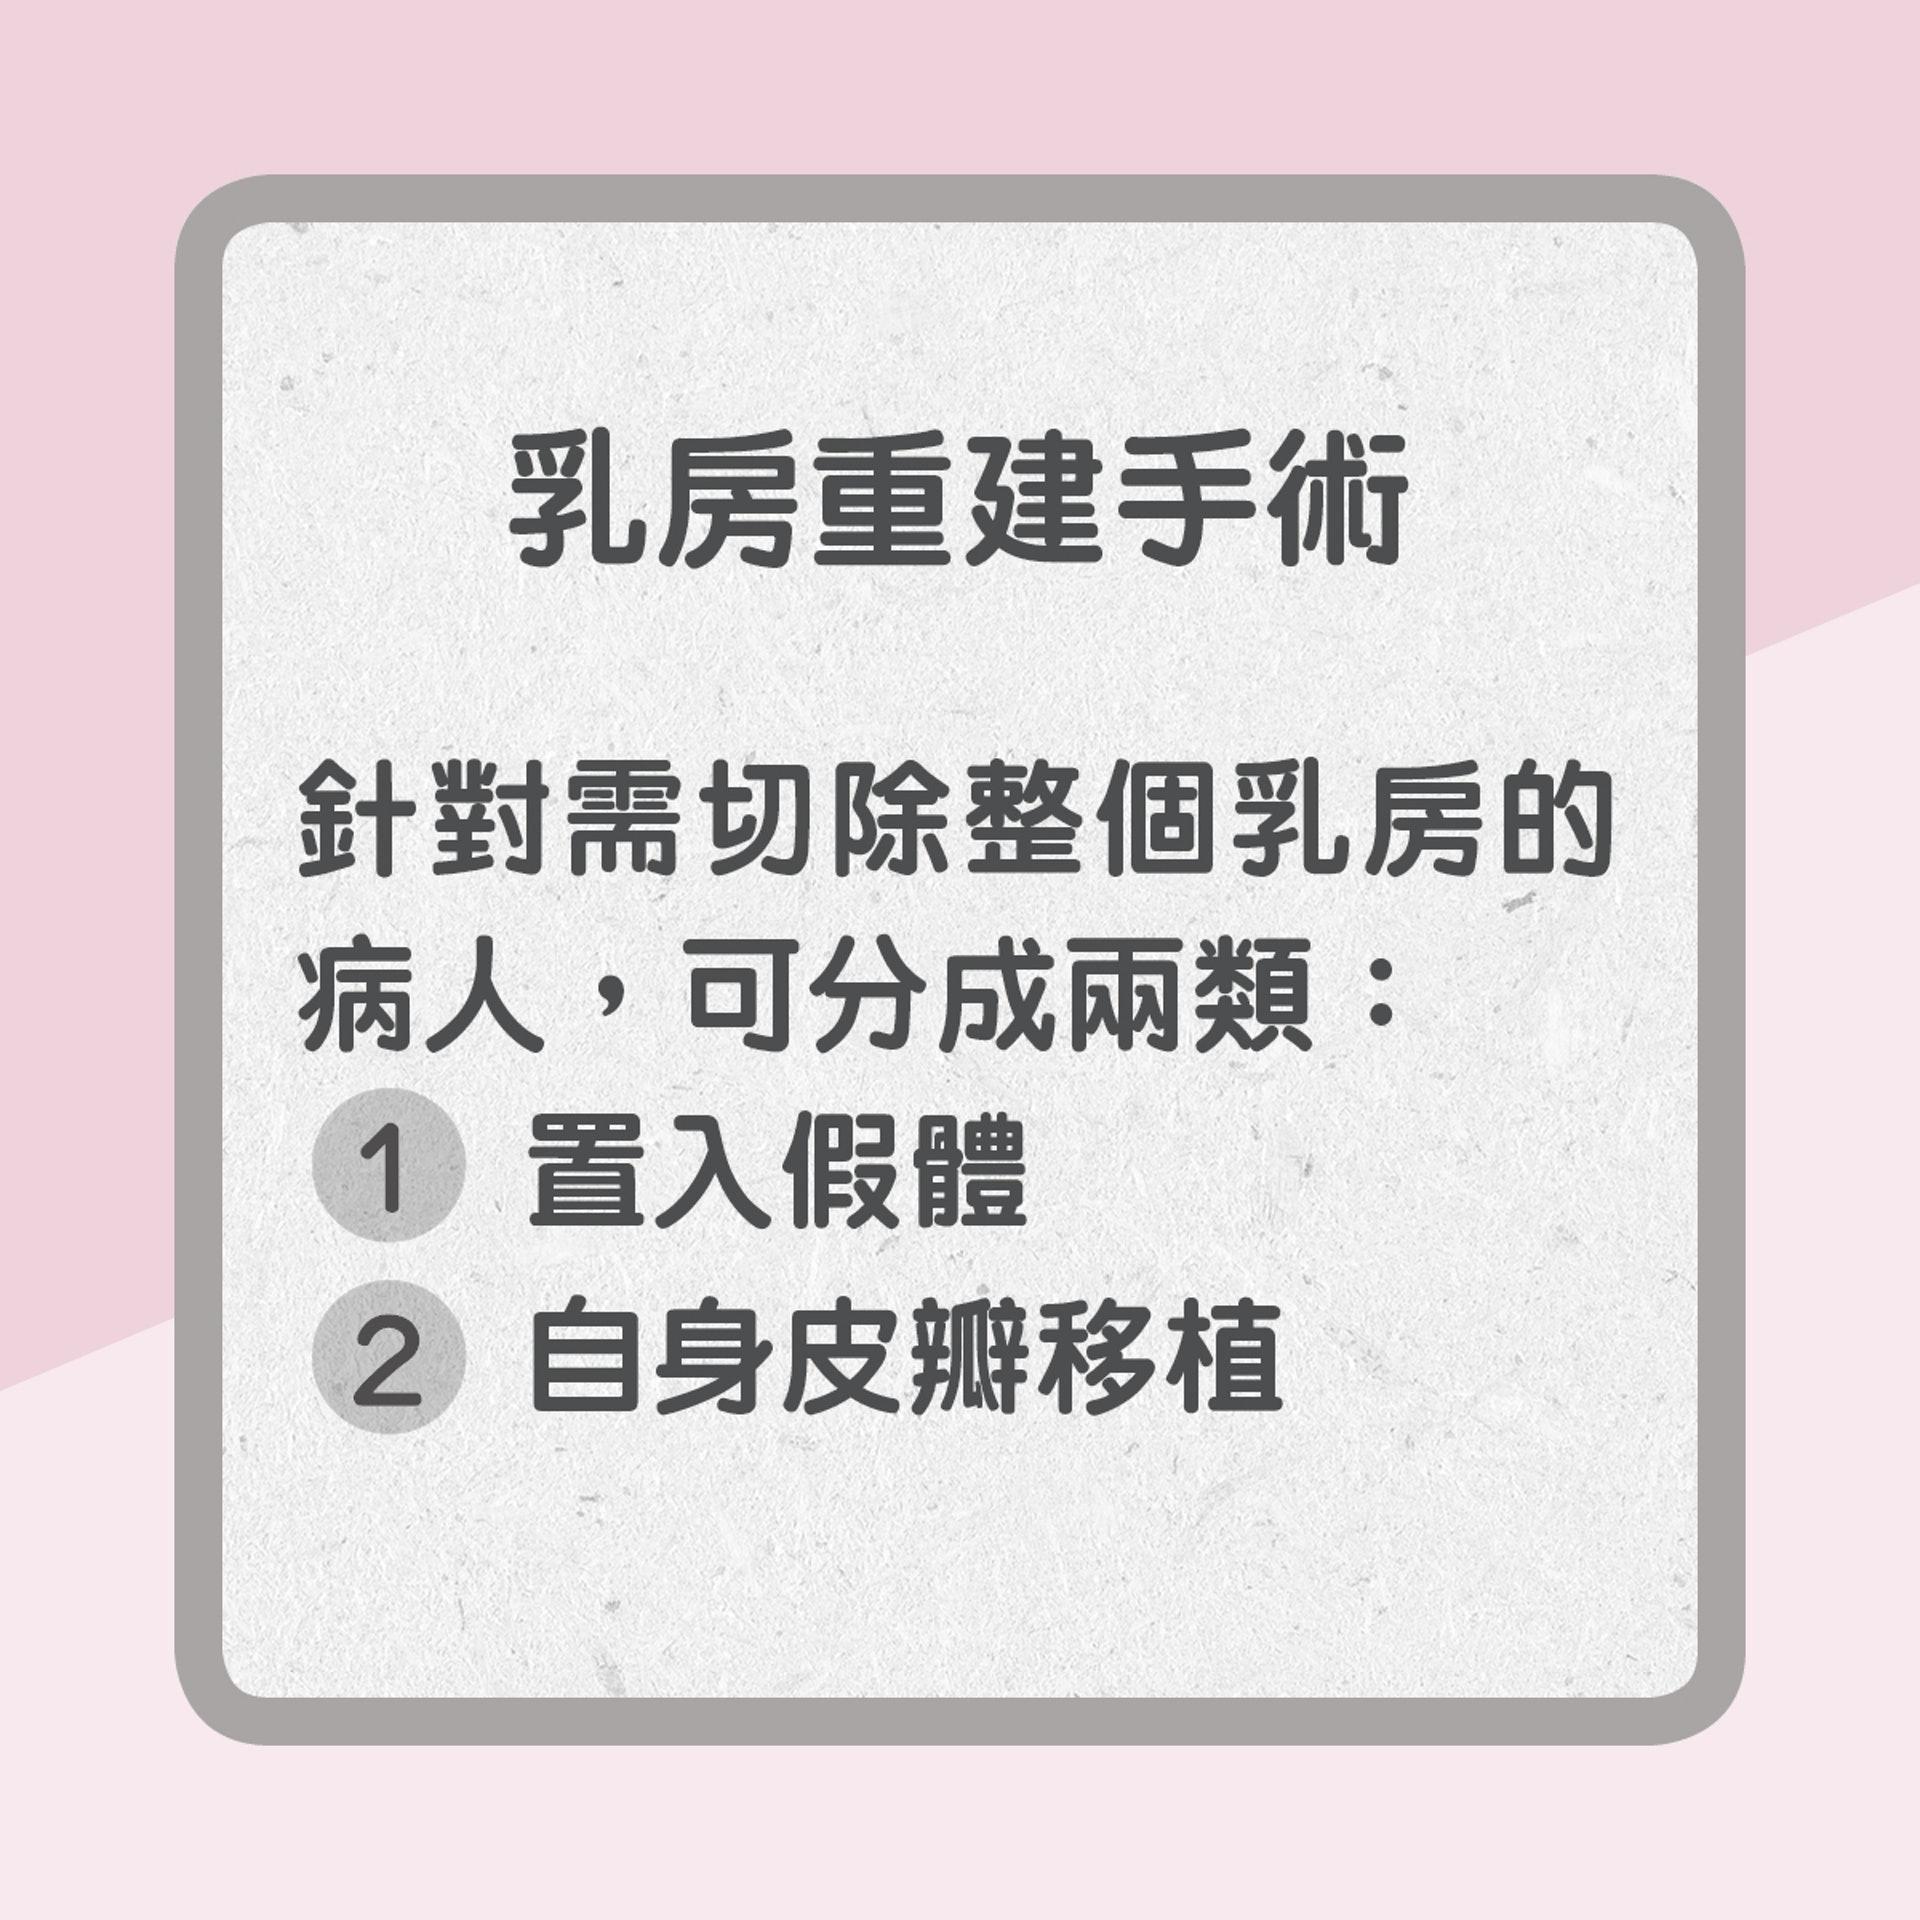 乳房重建手術可分為兩類(01製圖)